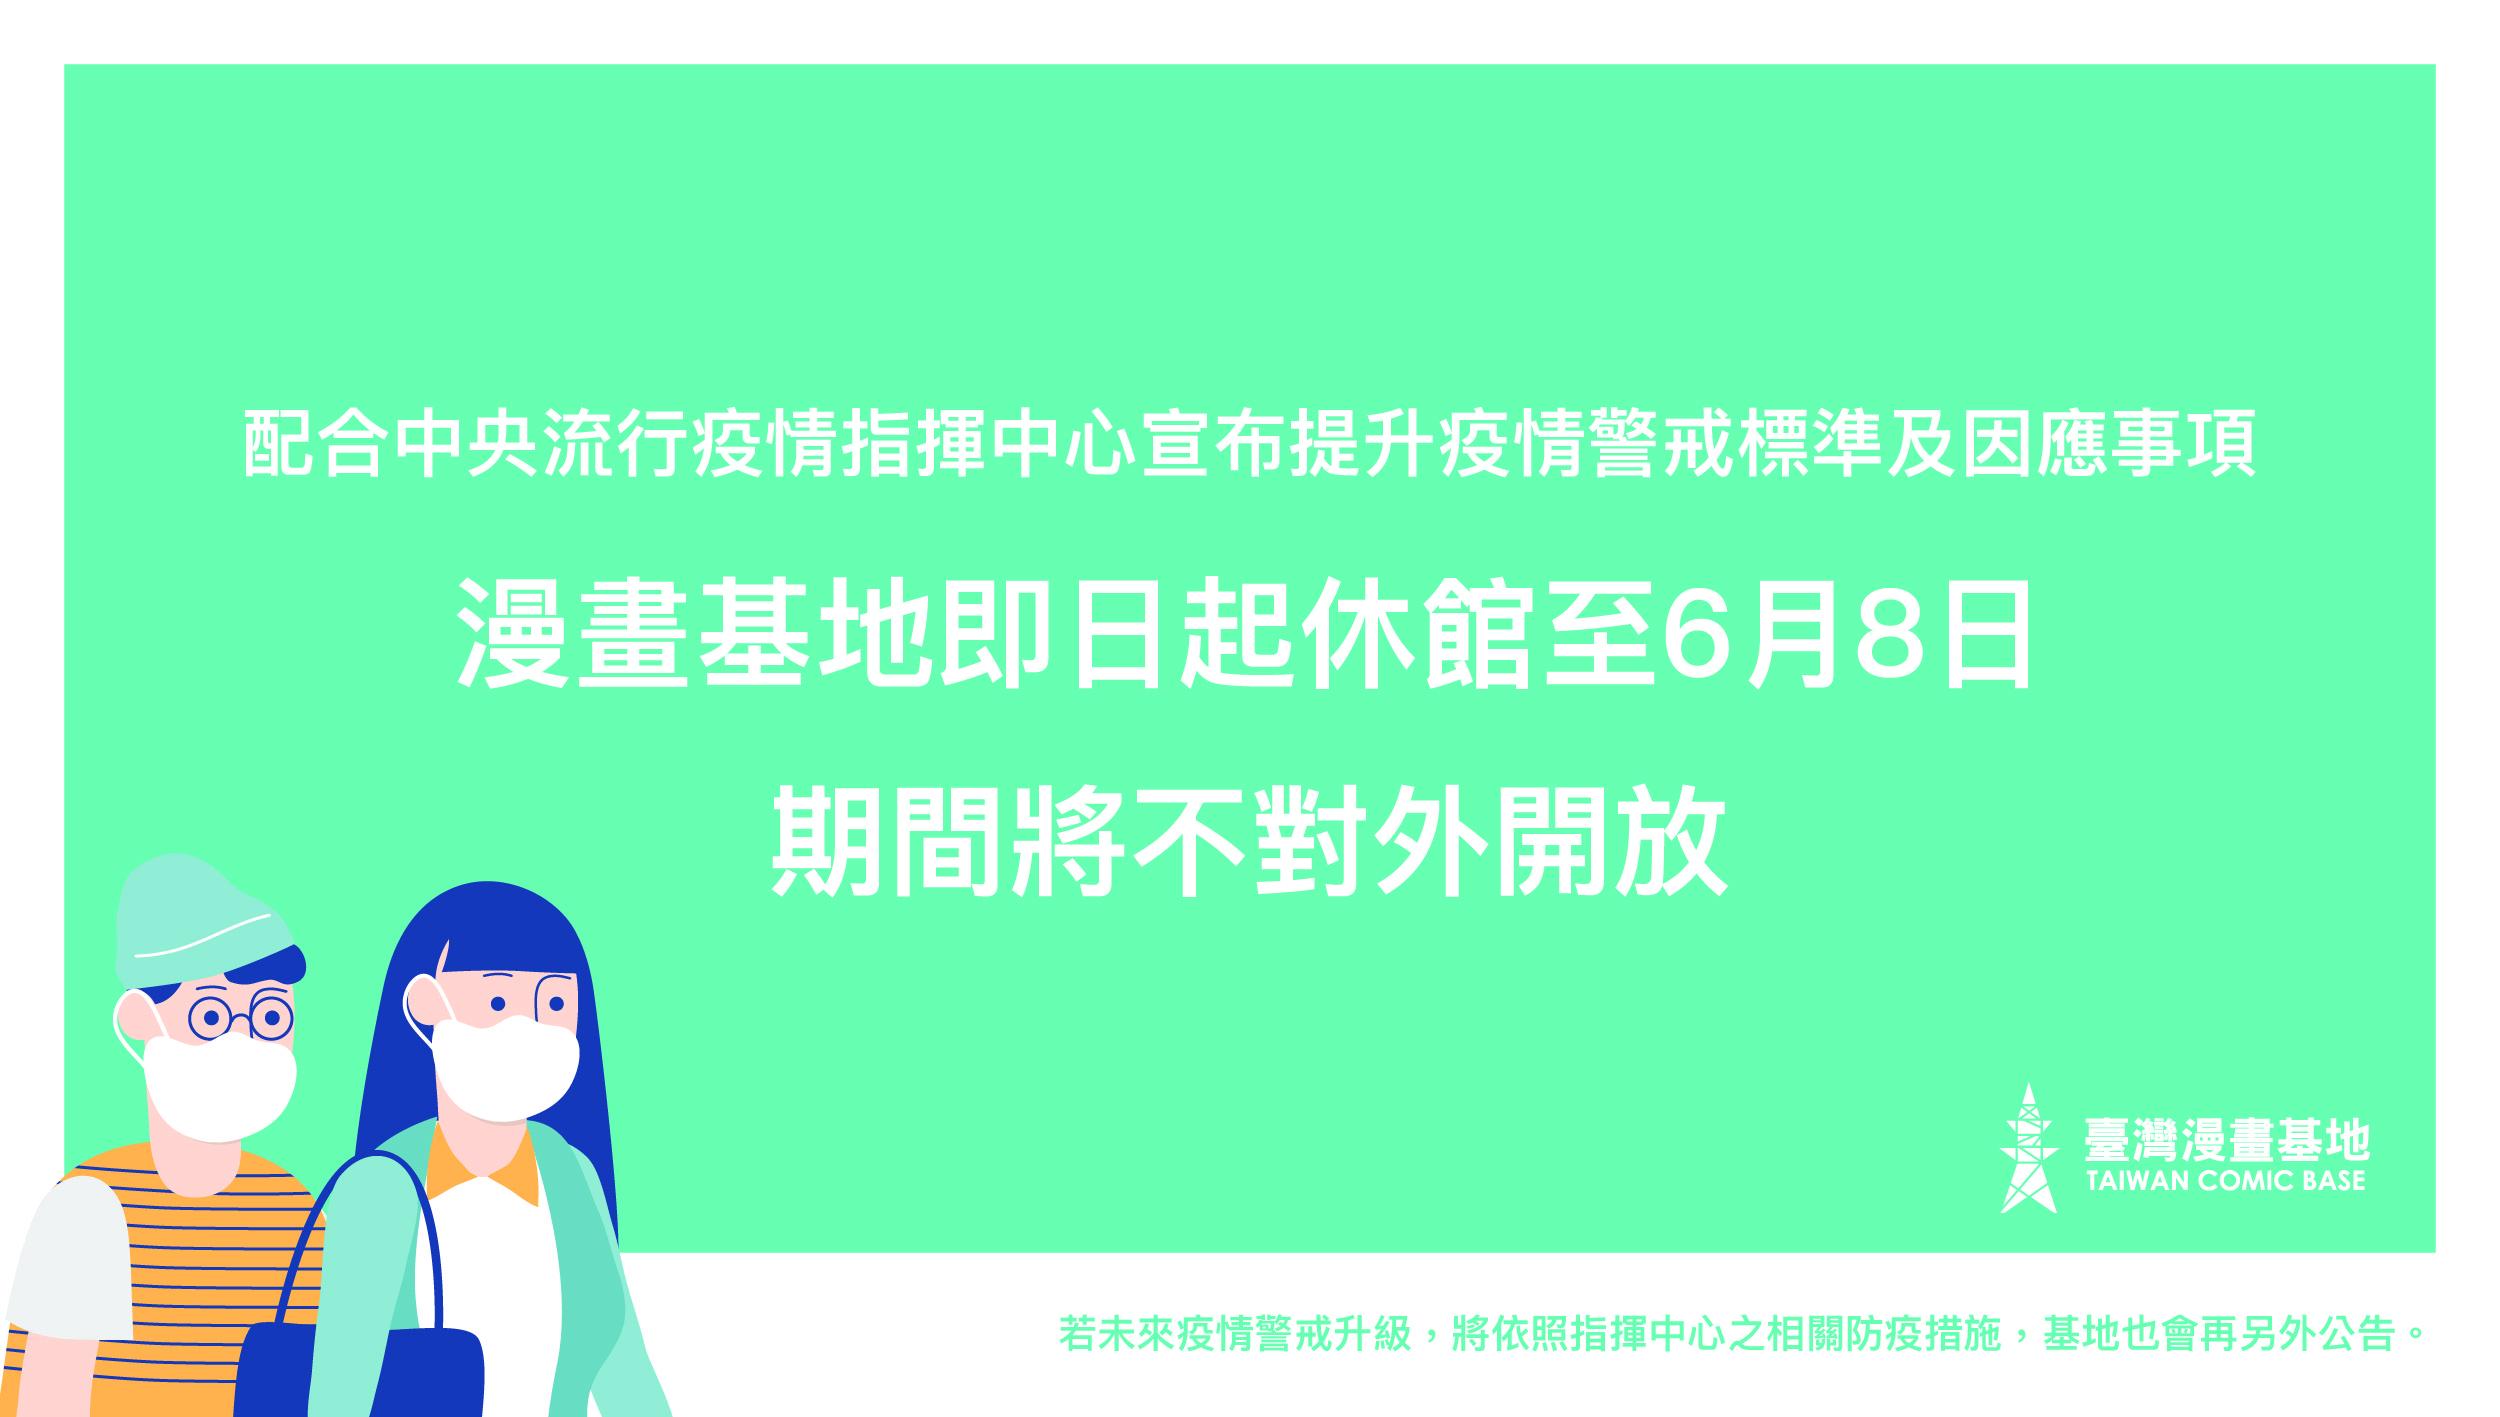 臺灣漫畫基地即日起休館至6月8日